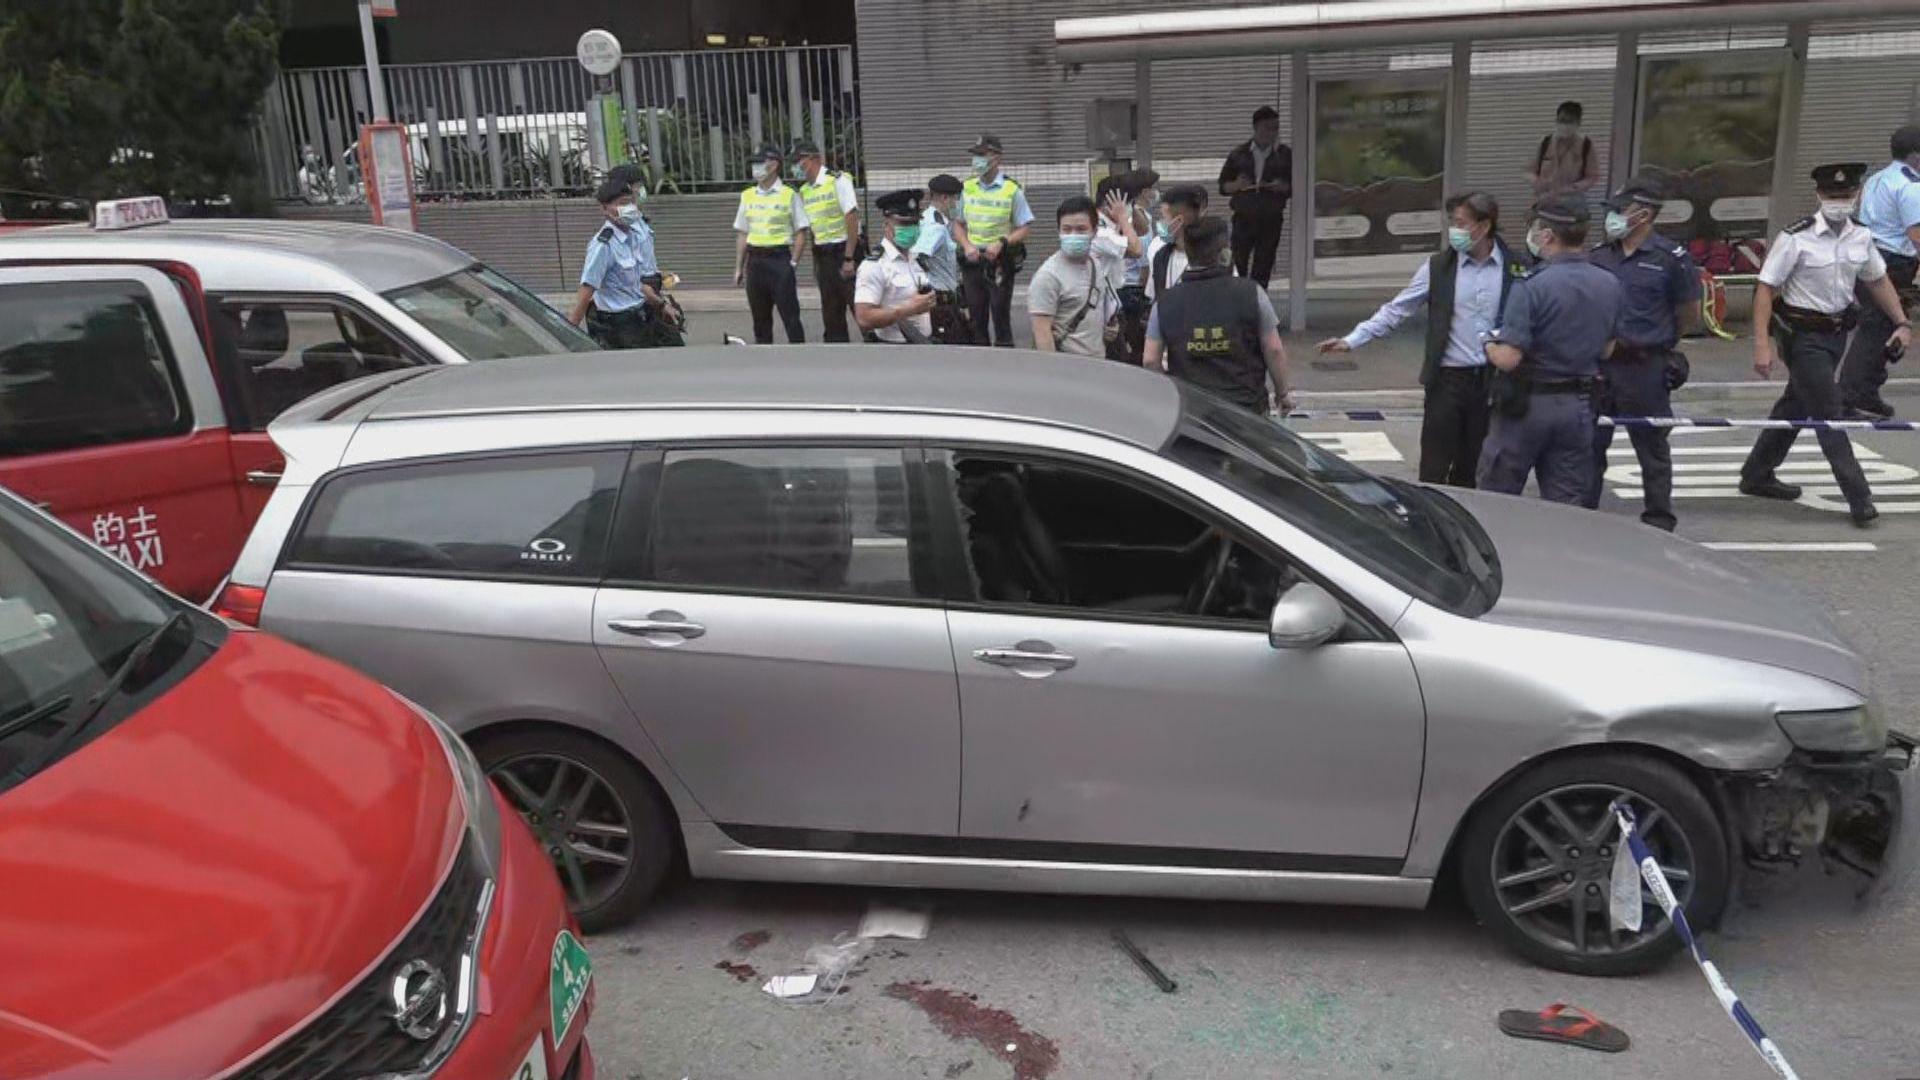 男子周四沙田涉狂亂駕駛 警拘捕多三人涉爆竊集團